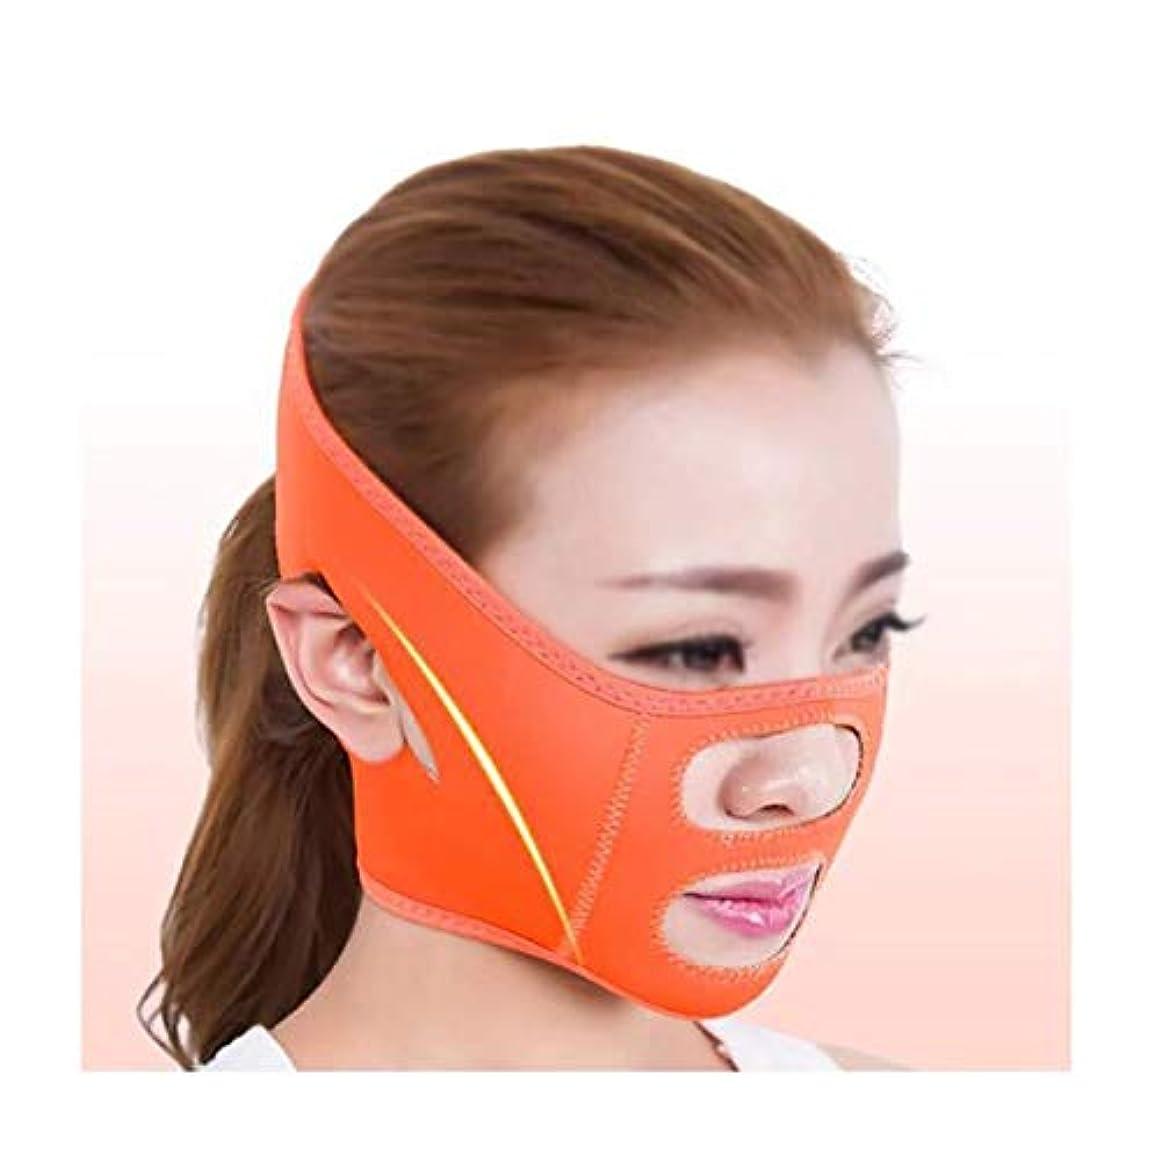 コントラスト傾いたあたりファーミングフェイスマスク、術後リフティングマスクホームバンデージシェーキングネットワークレッドメスVフェイスステッカーストラップインストゥルメントフェイスアーティファクト(色:オレンジ)